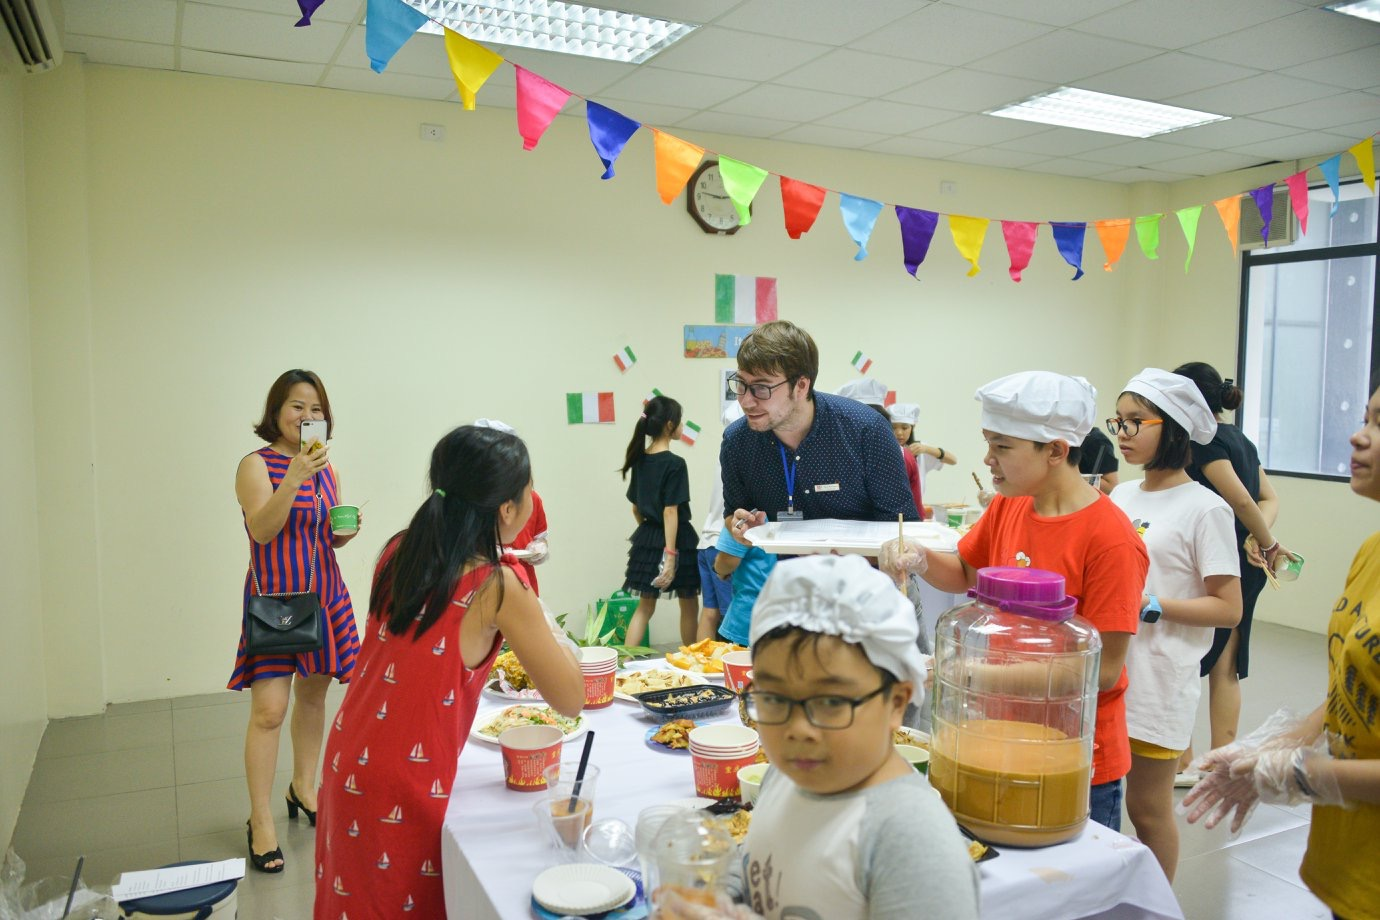 Hội chợ ẩm thực quốc tế trường Academy Rực rỡ sắc màu hội chợ ẩm thực quốc tế – Trường tiểu học Hanoi Academy